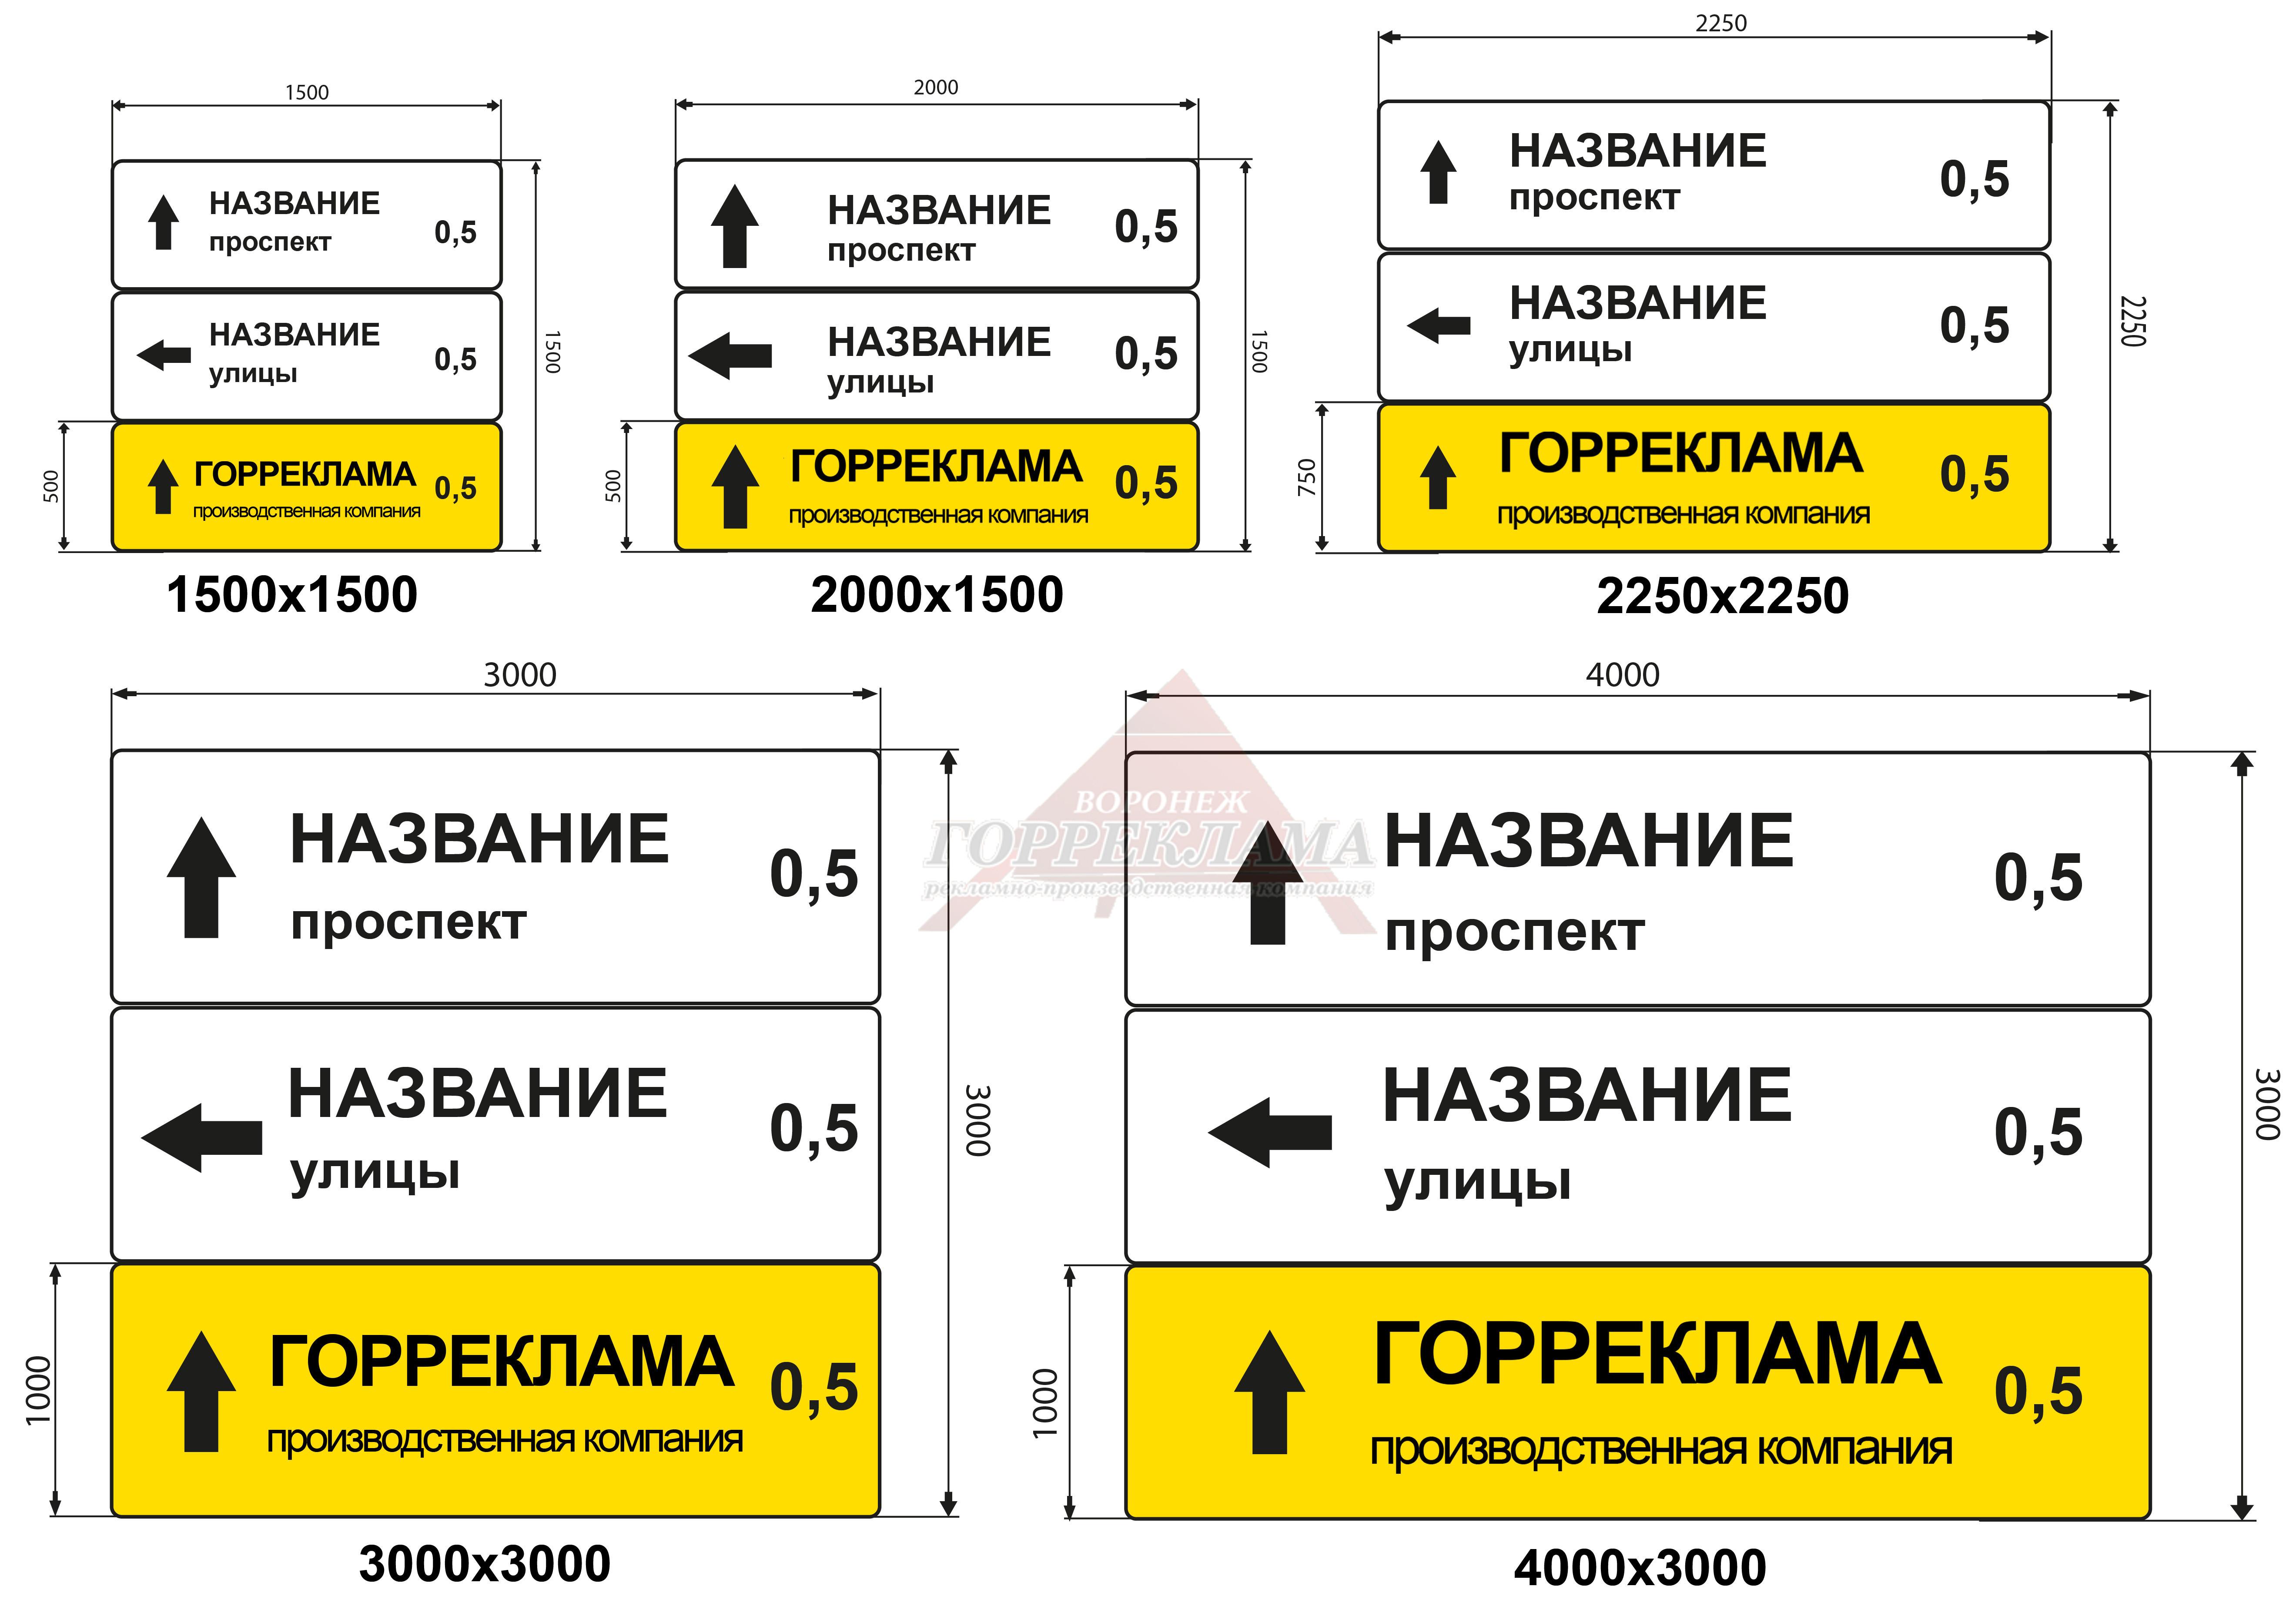 реклама-на-дорожных-знаках-указателях-в-Воронеже